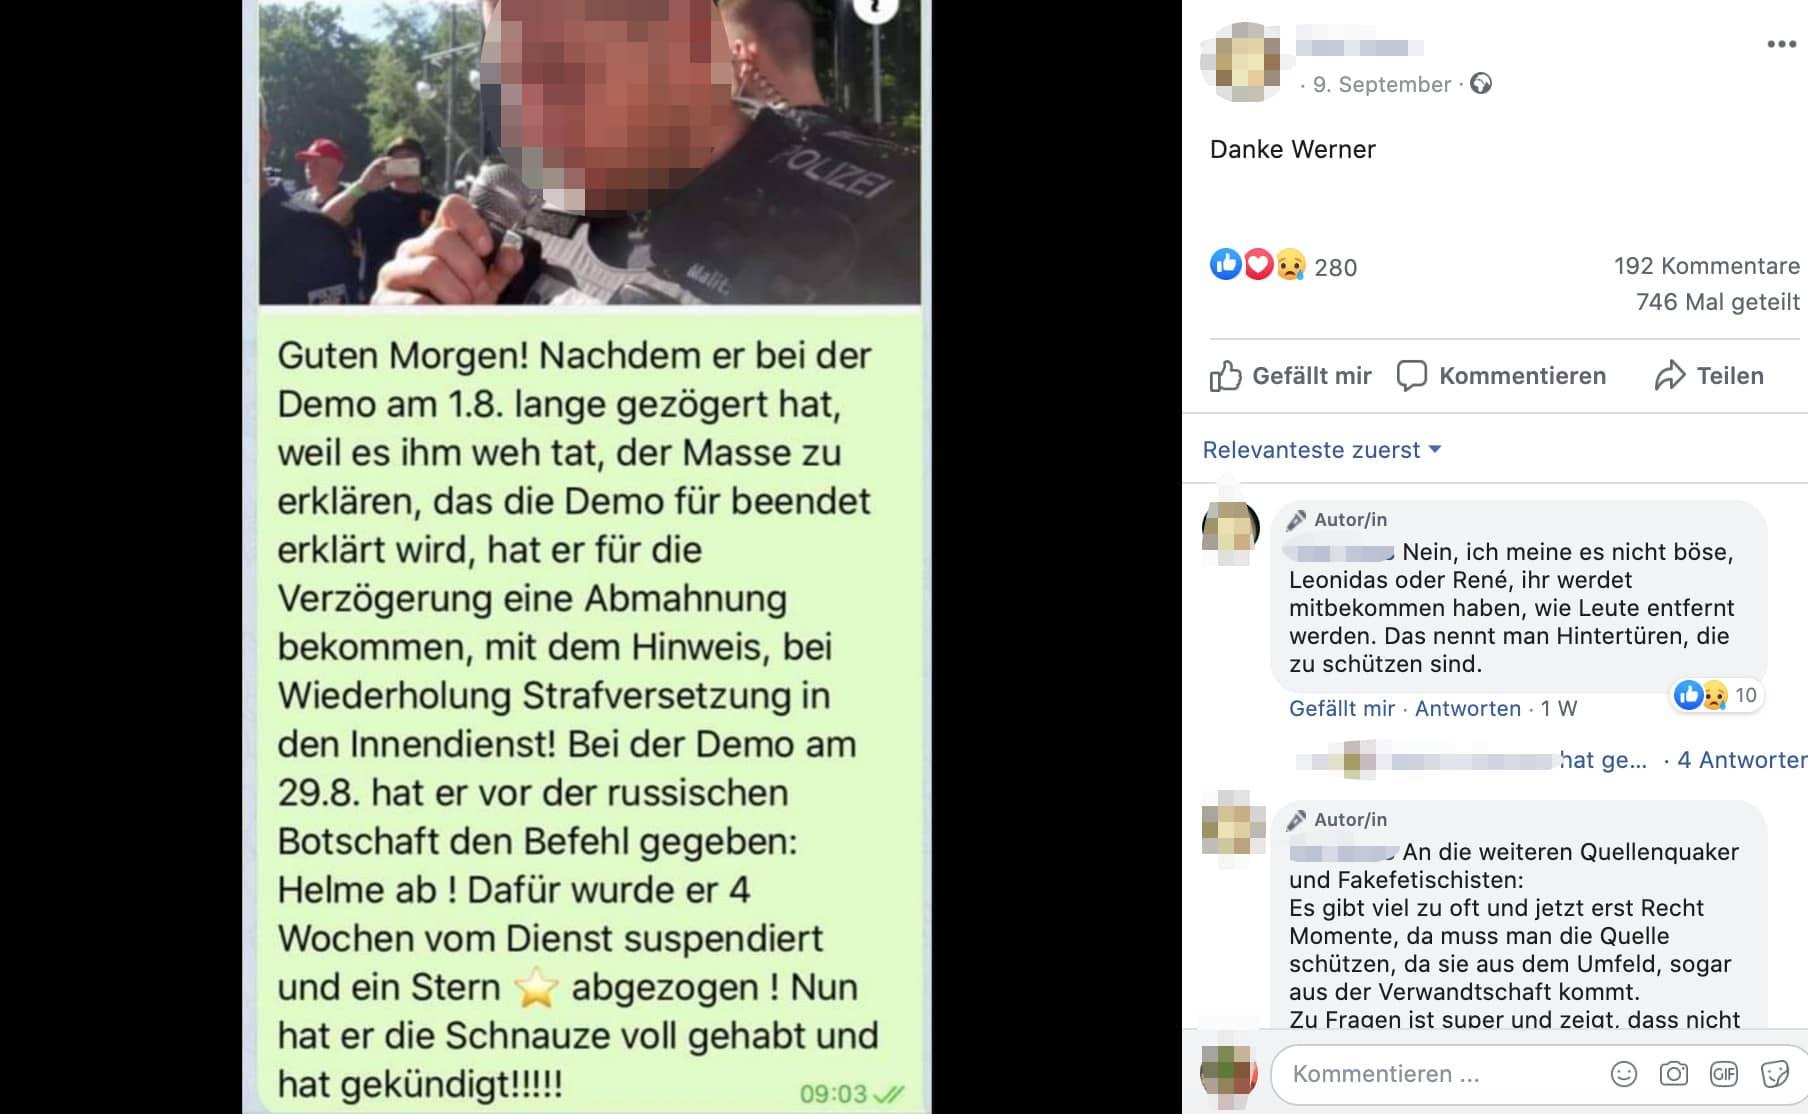 Keine Belege, dass dieser Berliner Polizist nach der Corona-Demo gekündigt hat